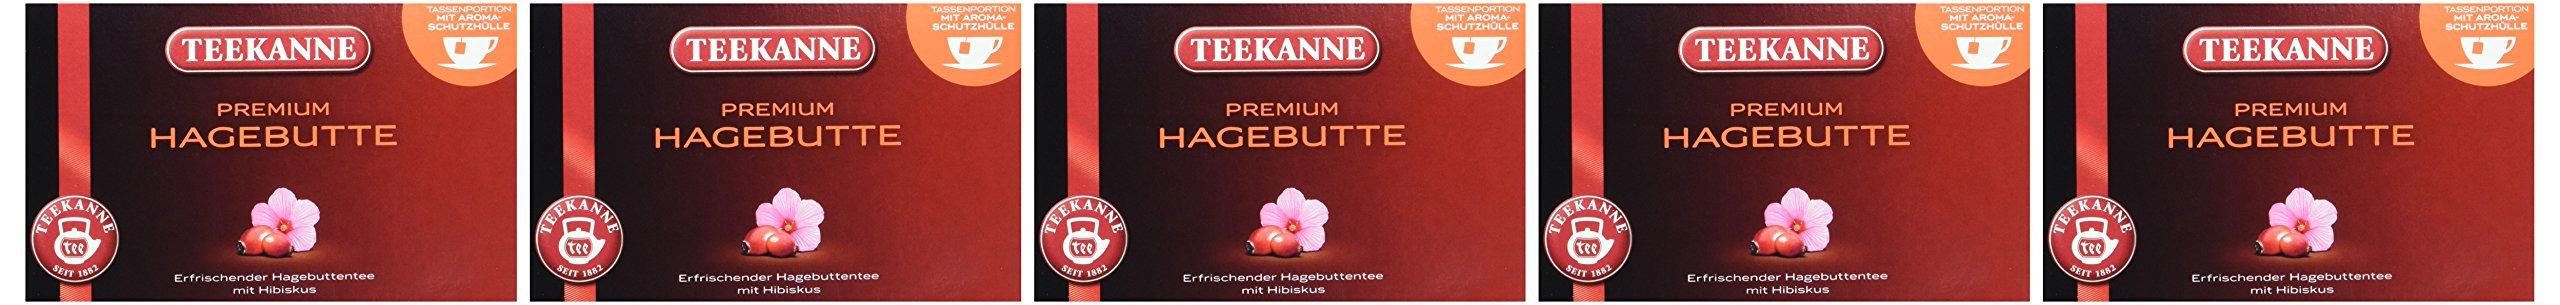 Teekanne-Premium-Hagebutte-20-Beutel-5er-Pack-5-x-70-g-Packung